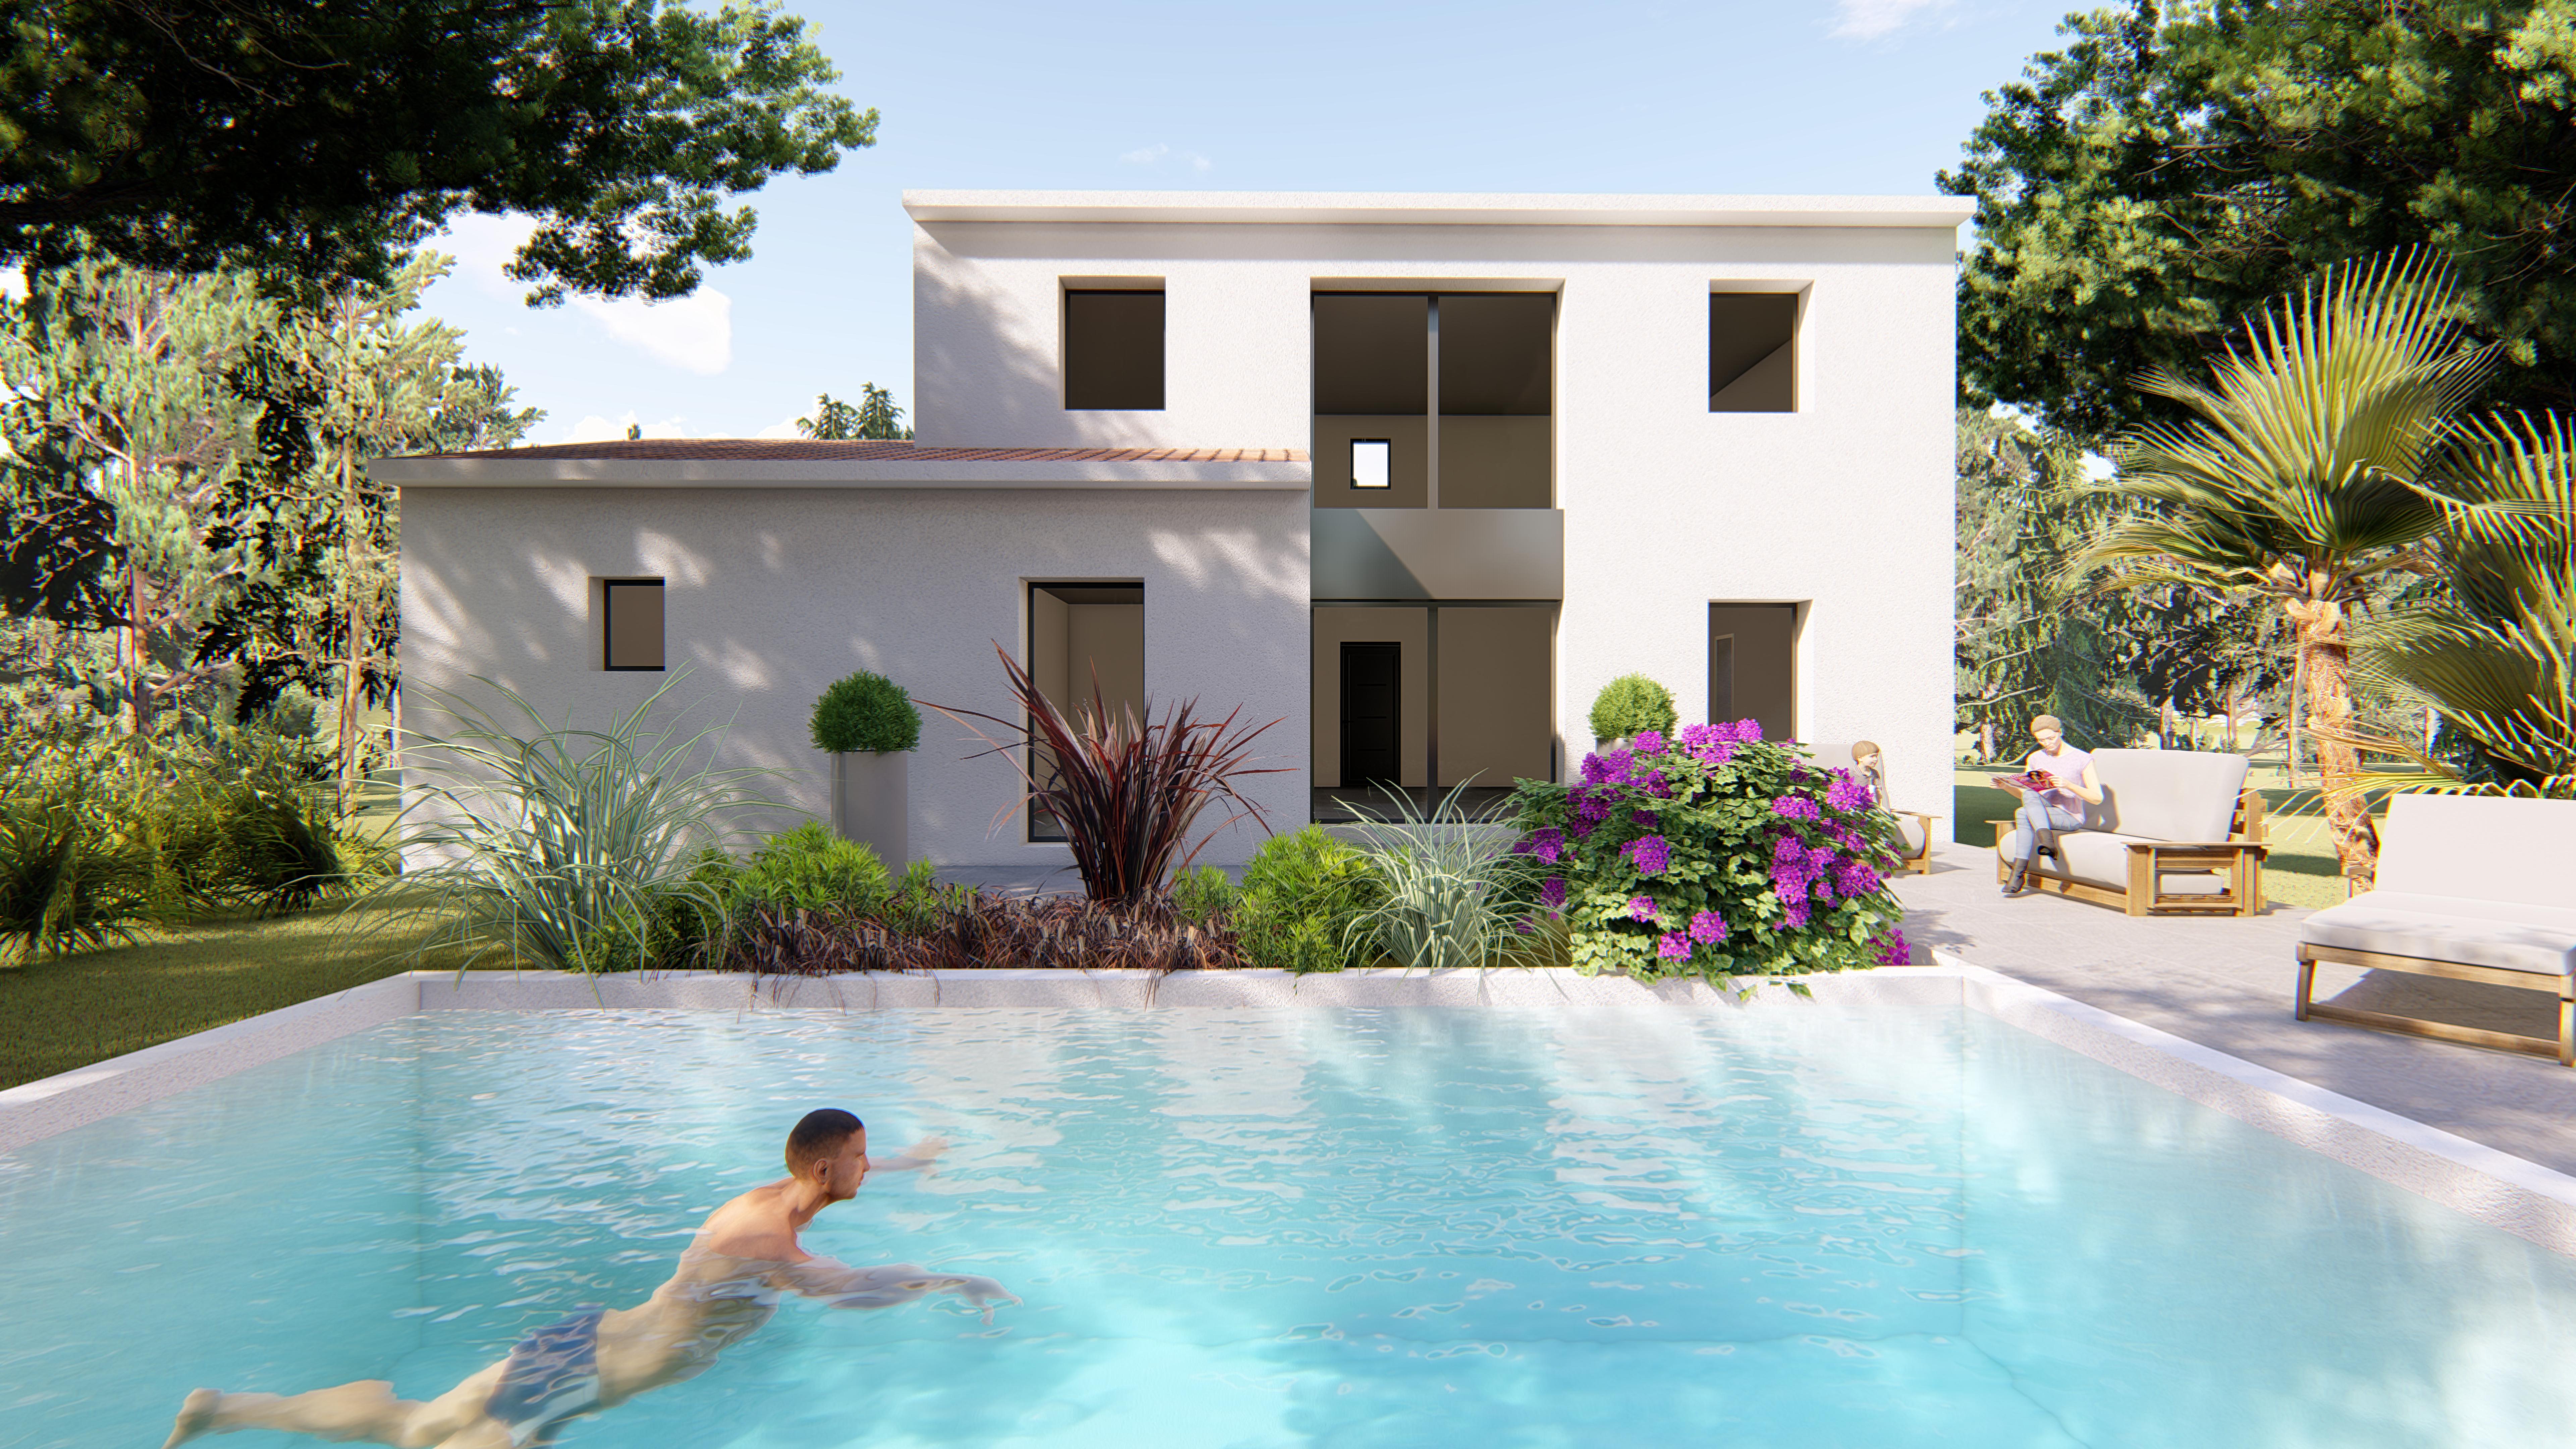 Maisons + Terrains du constructeur ADN CONSTRUCTION • 90 m² • MARSEILLE 11E